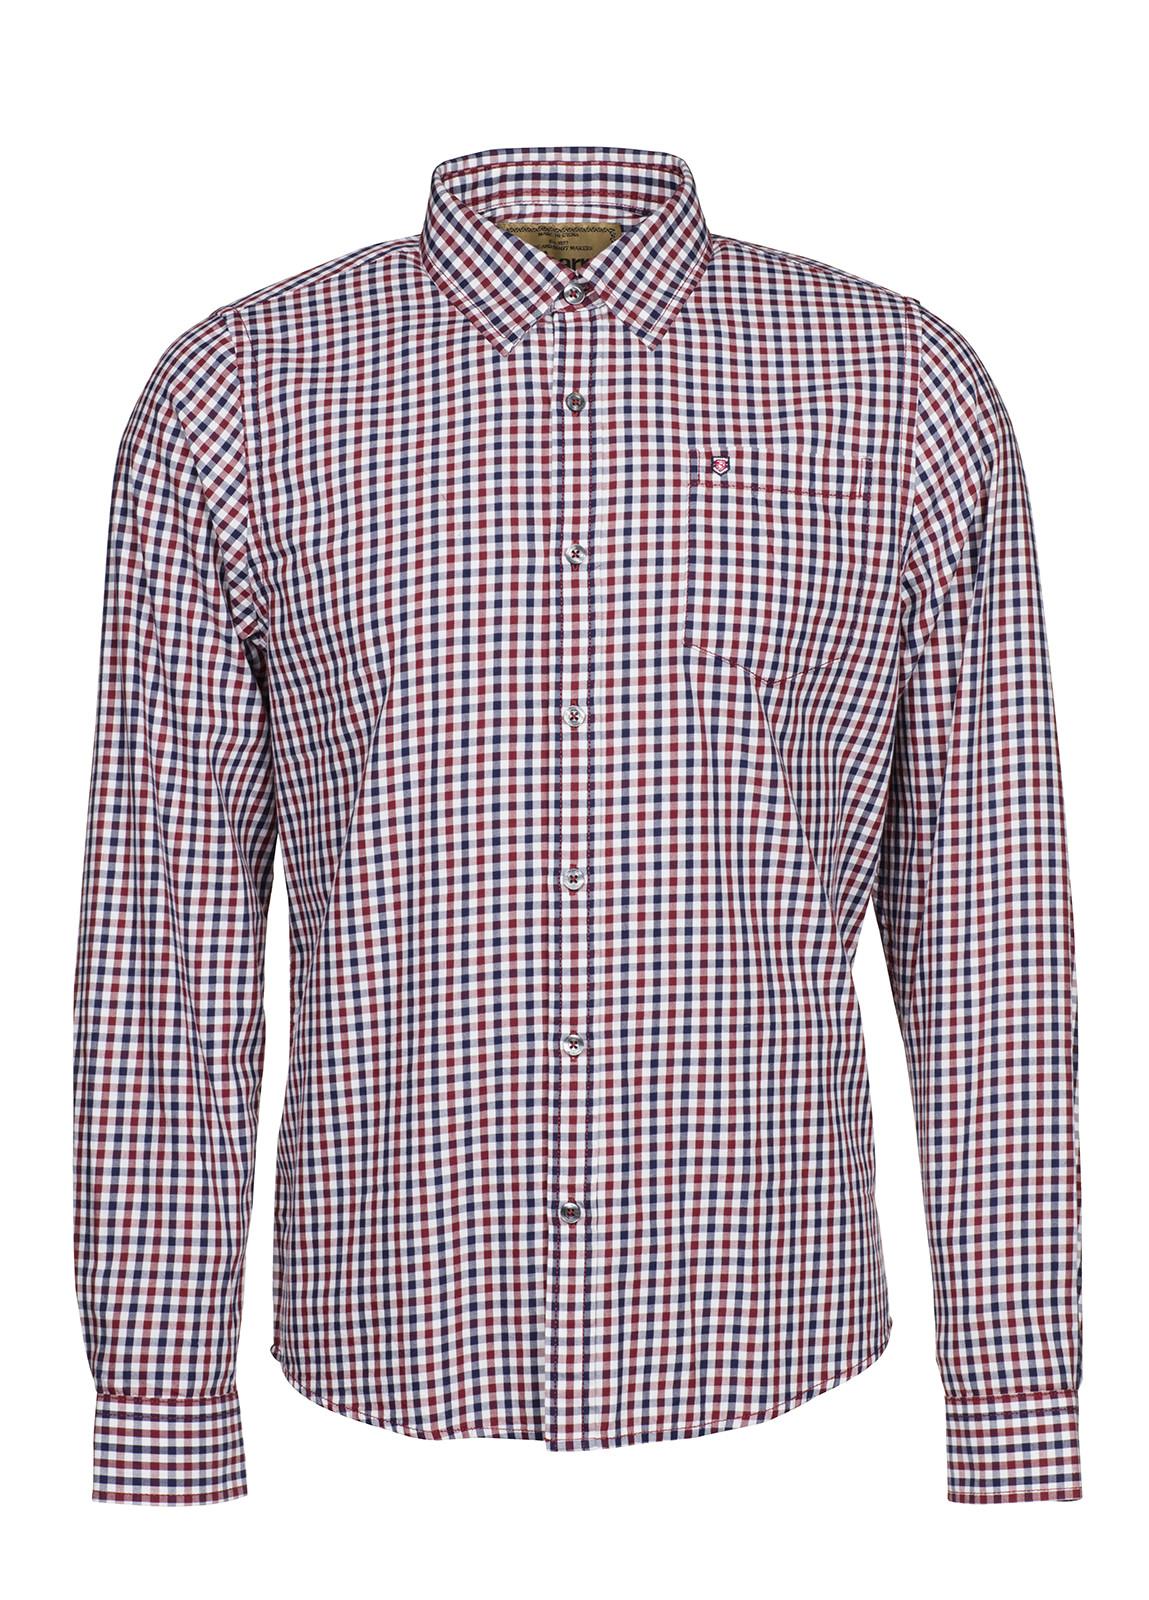 Dubarry_ Allenwood Men's Shirt - Malbec_Image_2